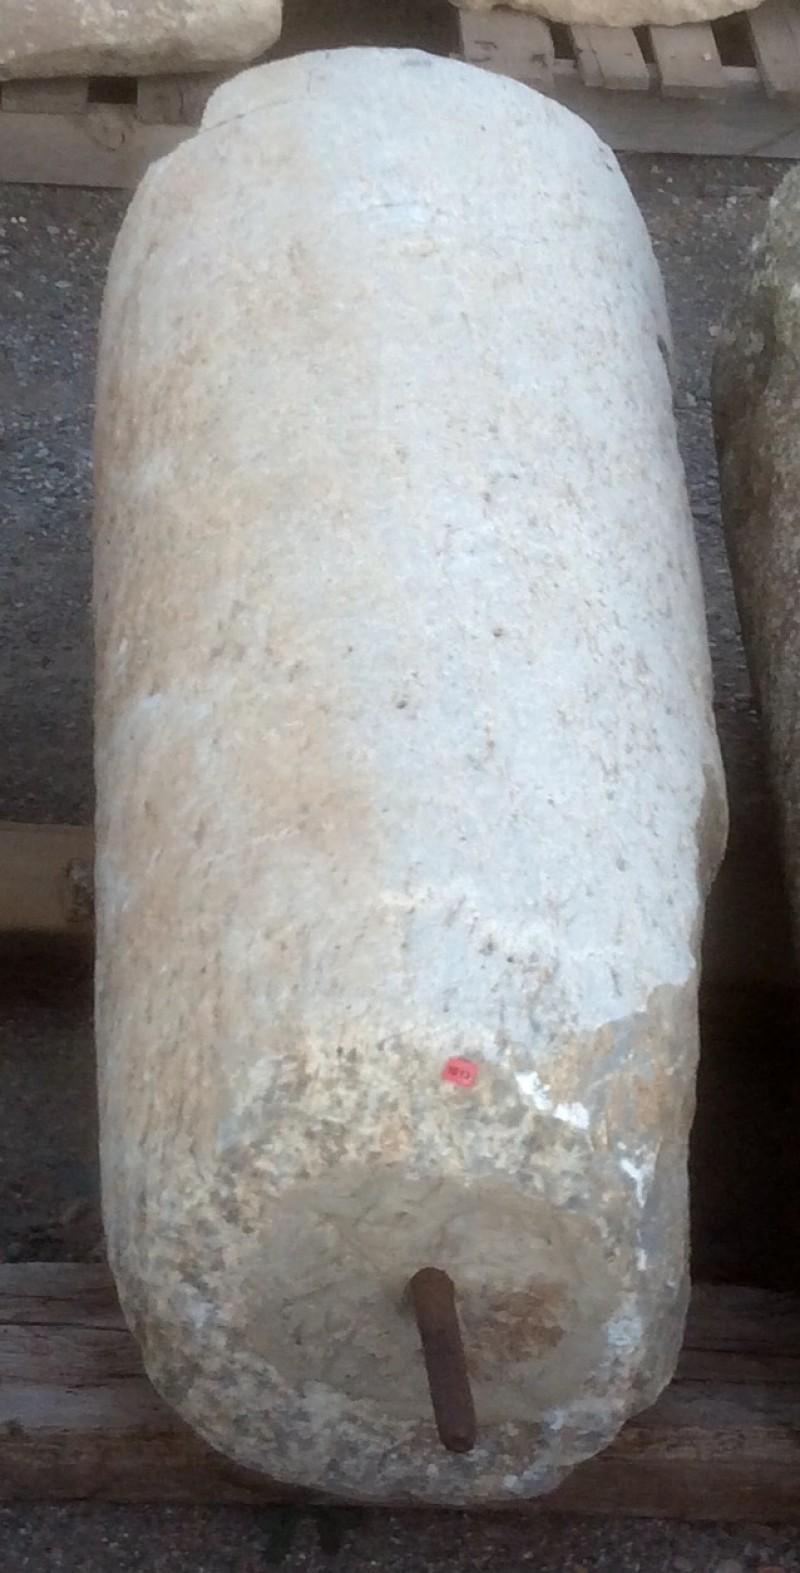 Rulo de piedra viva. Mide 46 cm de diámetro x 1,07 cm de alto.